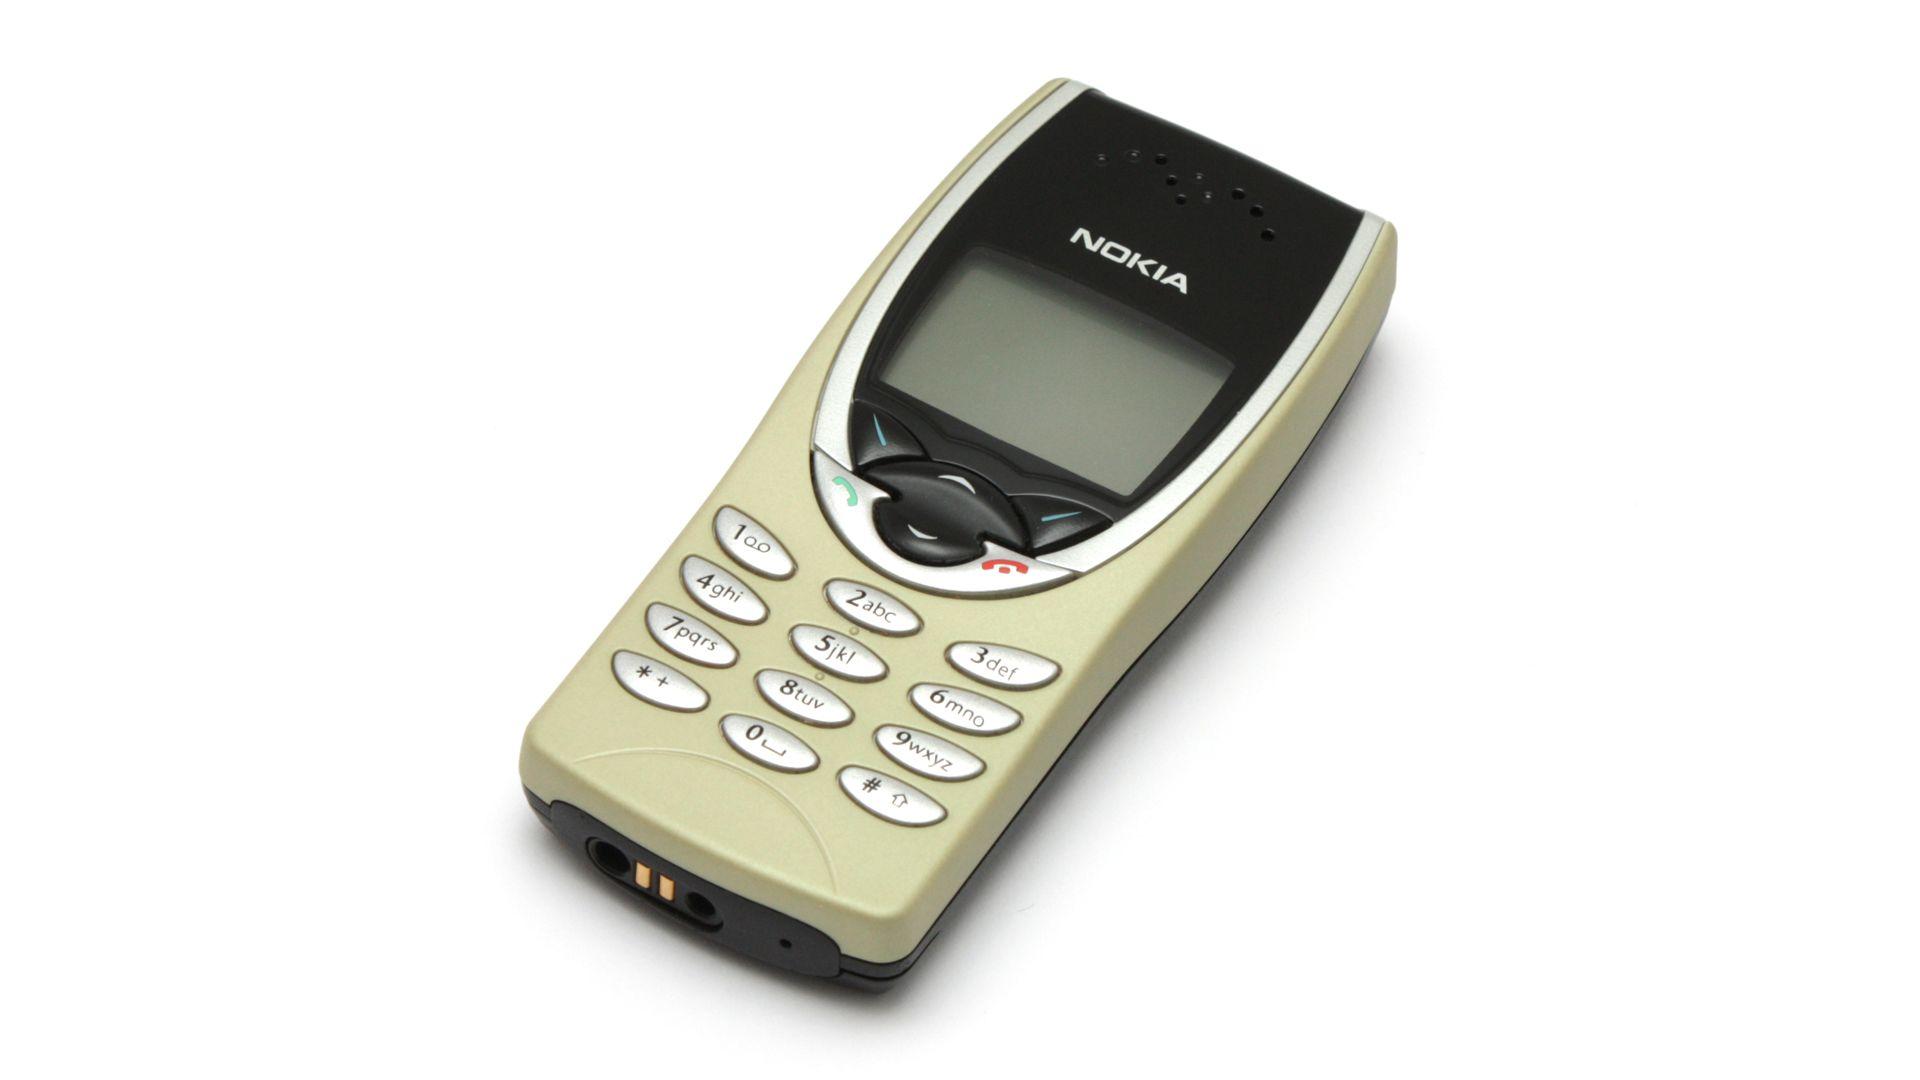 Nokia 8210 var mindre enn andre mobiler og ble svært populær.